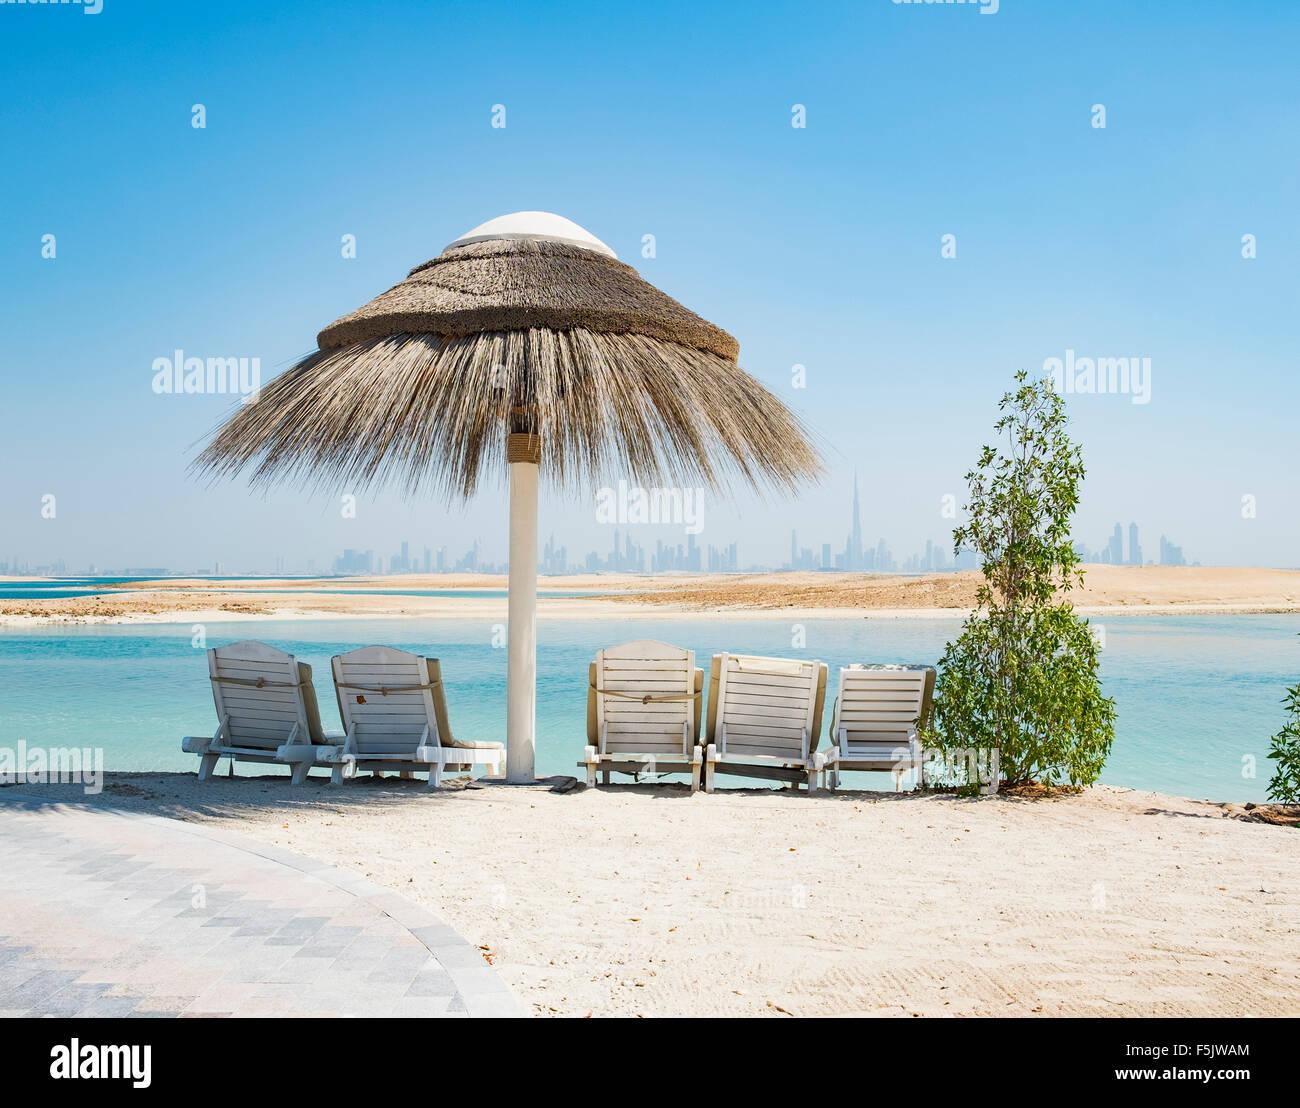 Vista dell'isola il Libano beach resort su un uomo fatto isola, parte del mondo fuori della costa di Dubai negli Immagini Stock